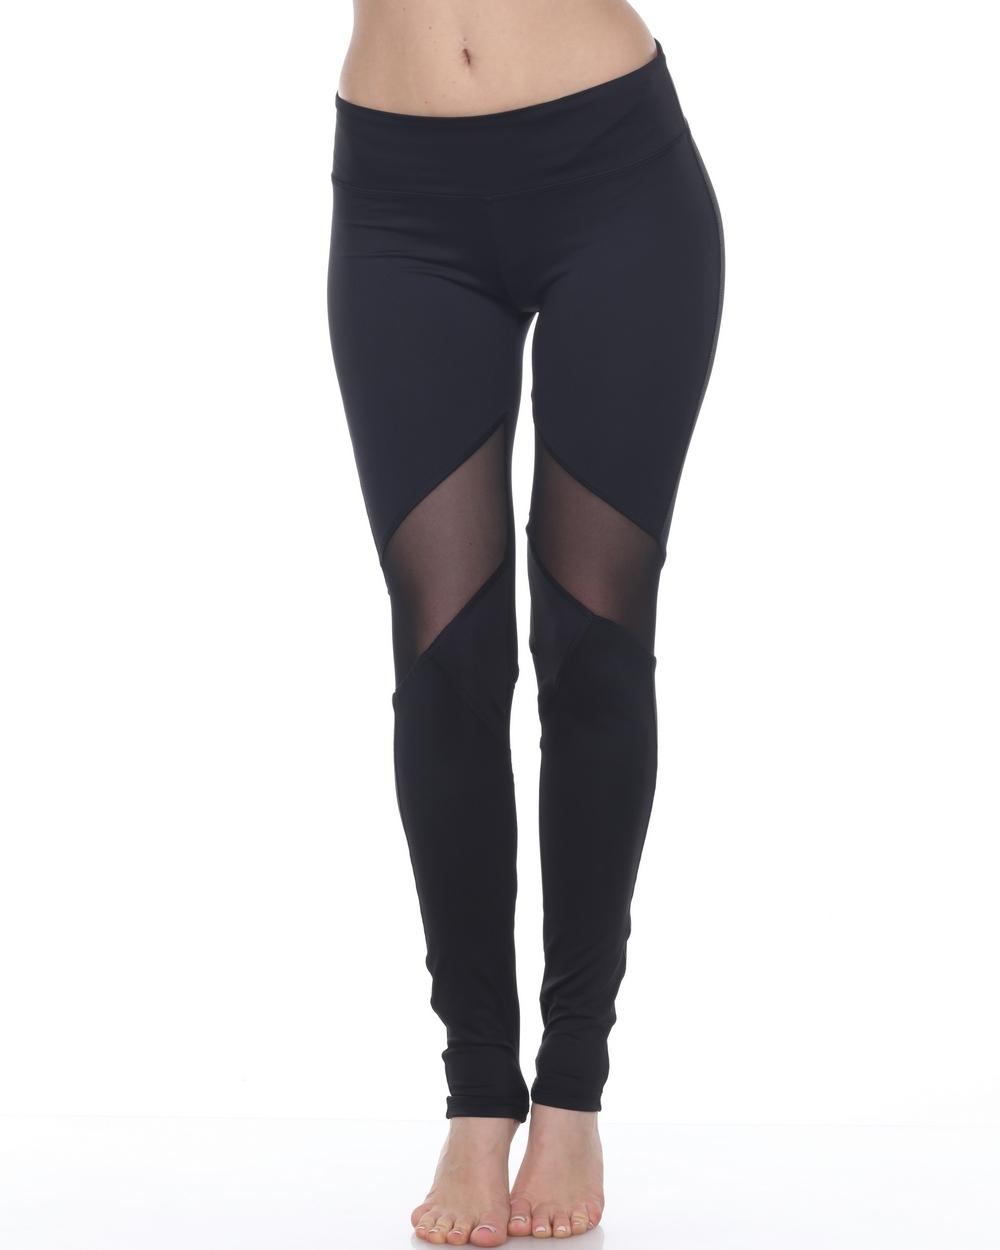 2016 Electric Yoga V-Line Mesh Legging in Black